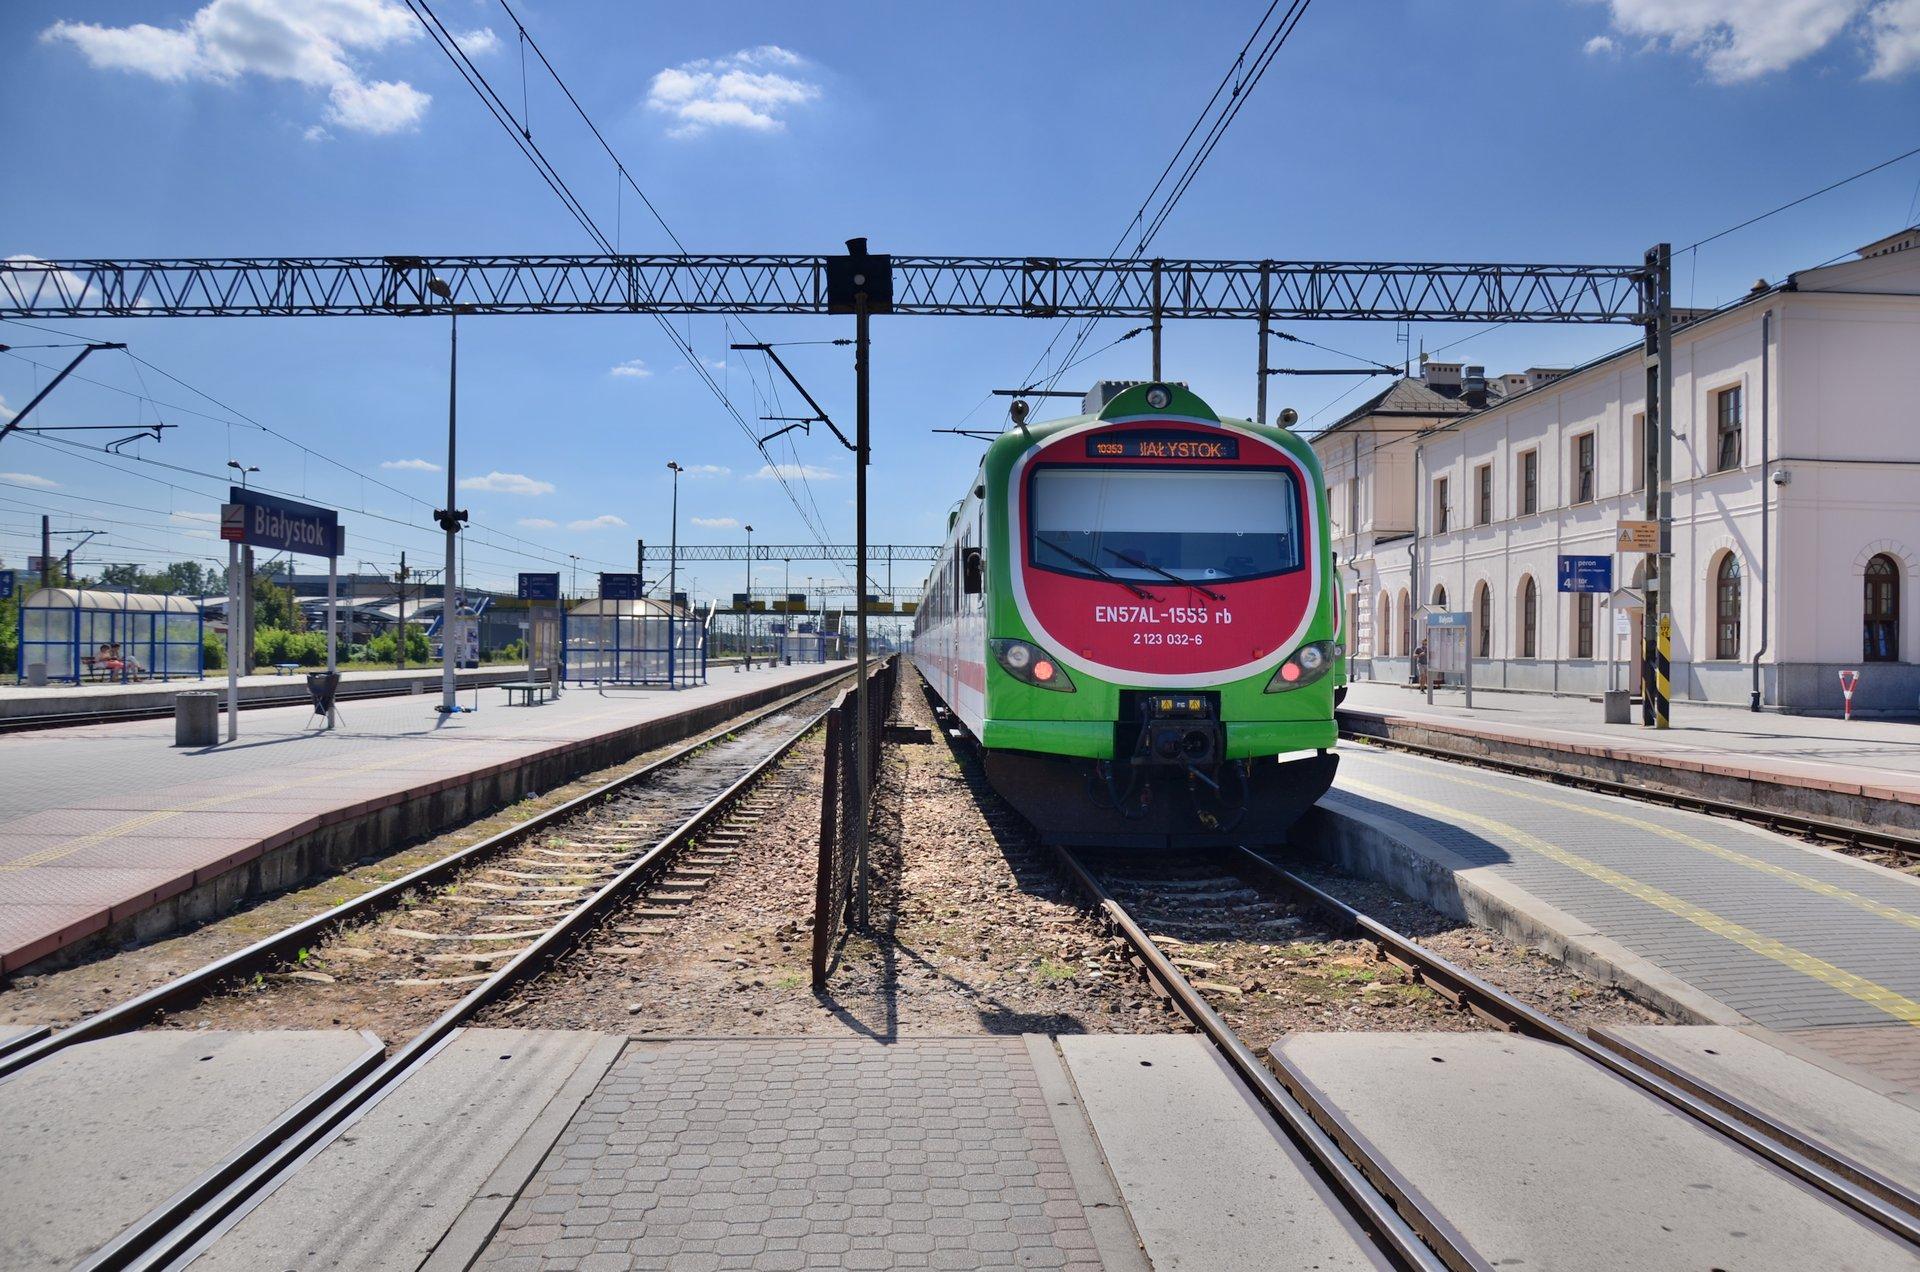 Białystok dworzec kolejowy PKPfree photo darmowe zdjęcie